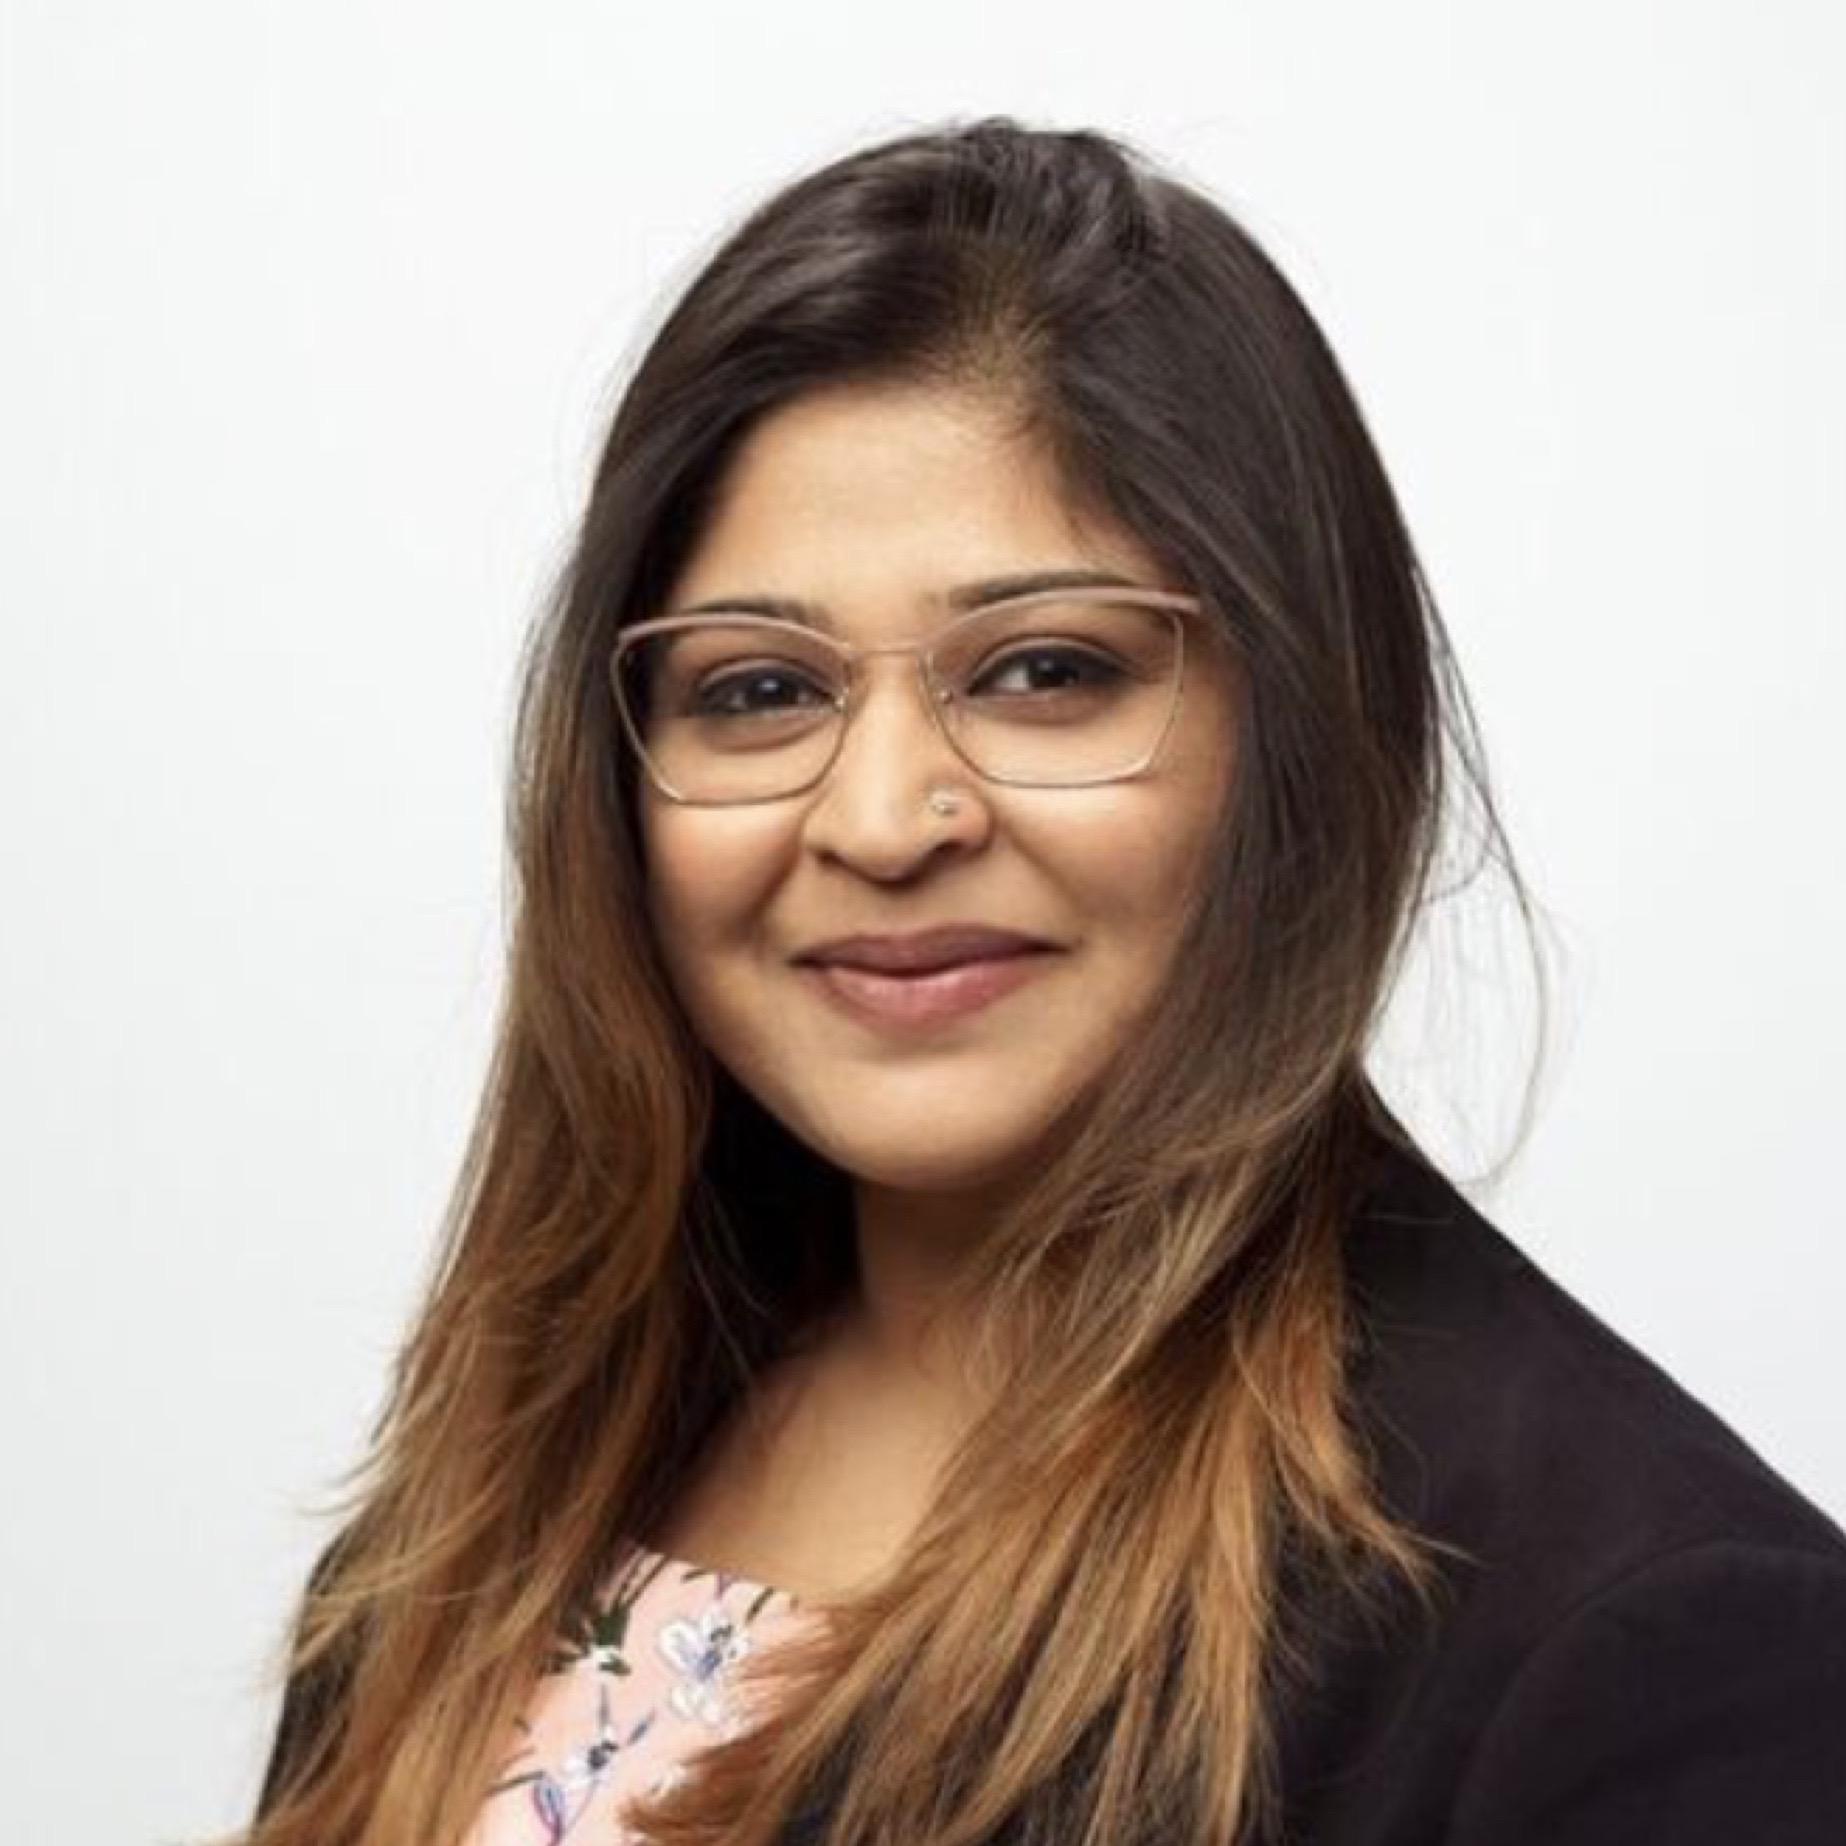 Radha Shukla